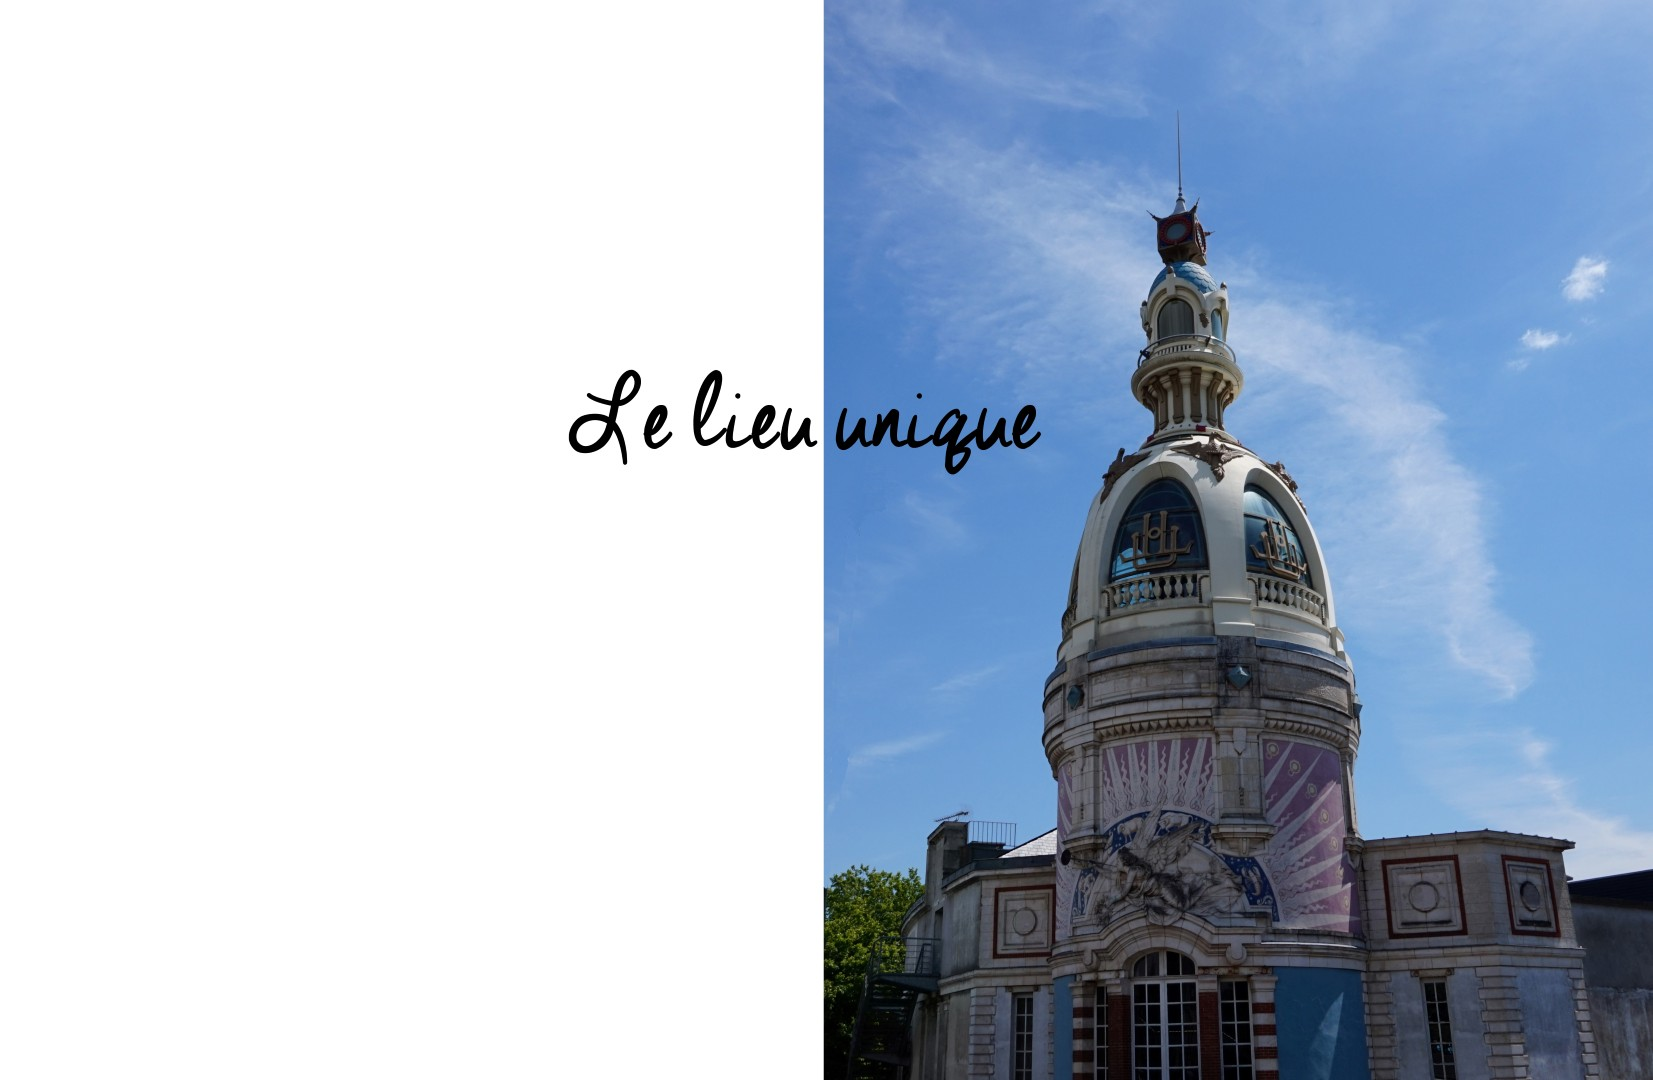 Un weekend à Nantes - Le lieu Unique